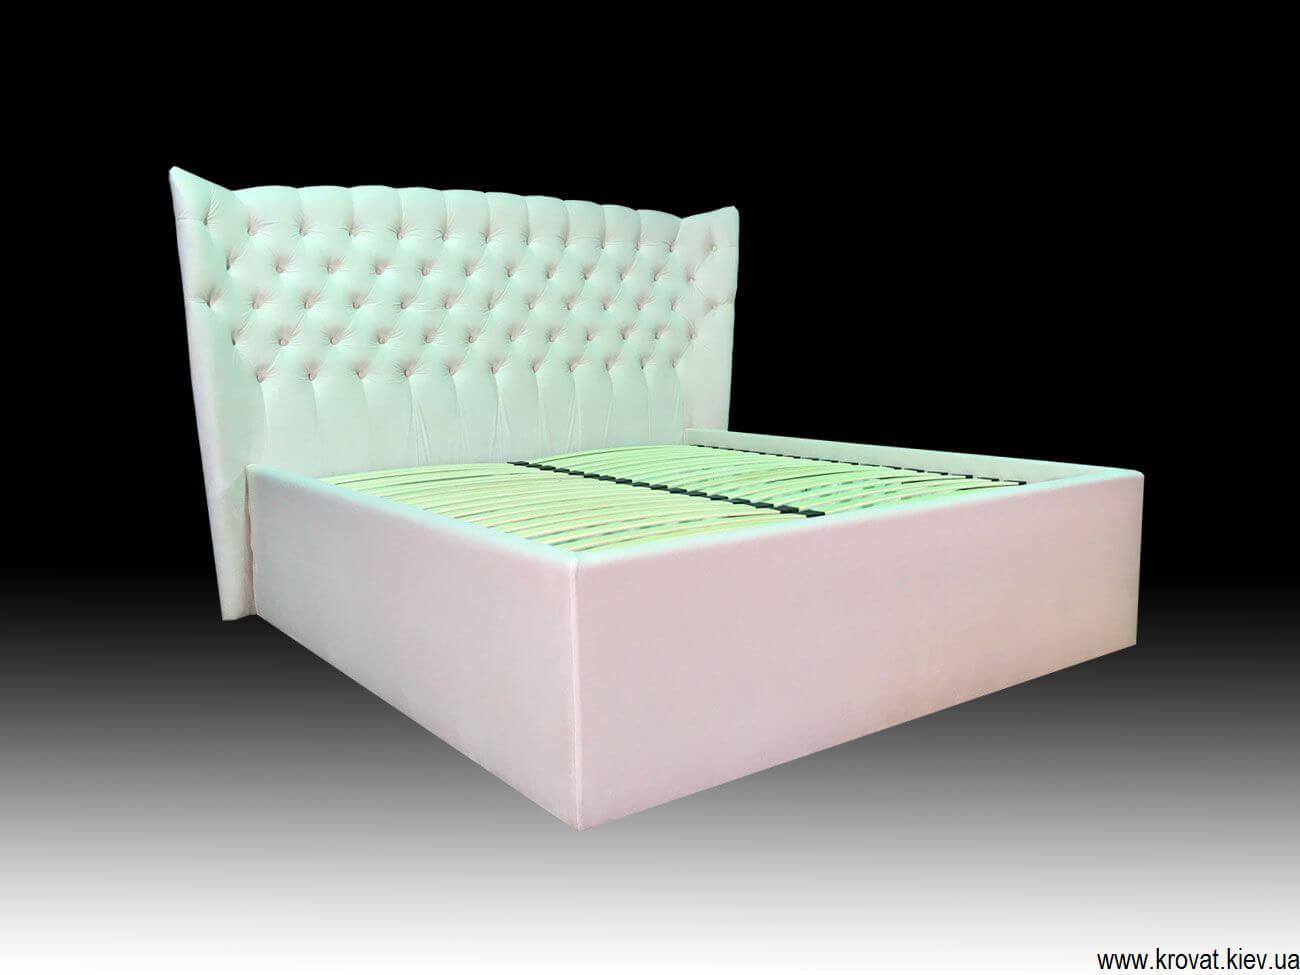 кровать по американскому стандарту на заказ